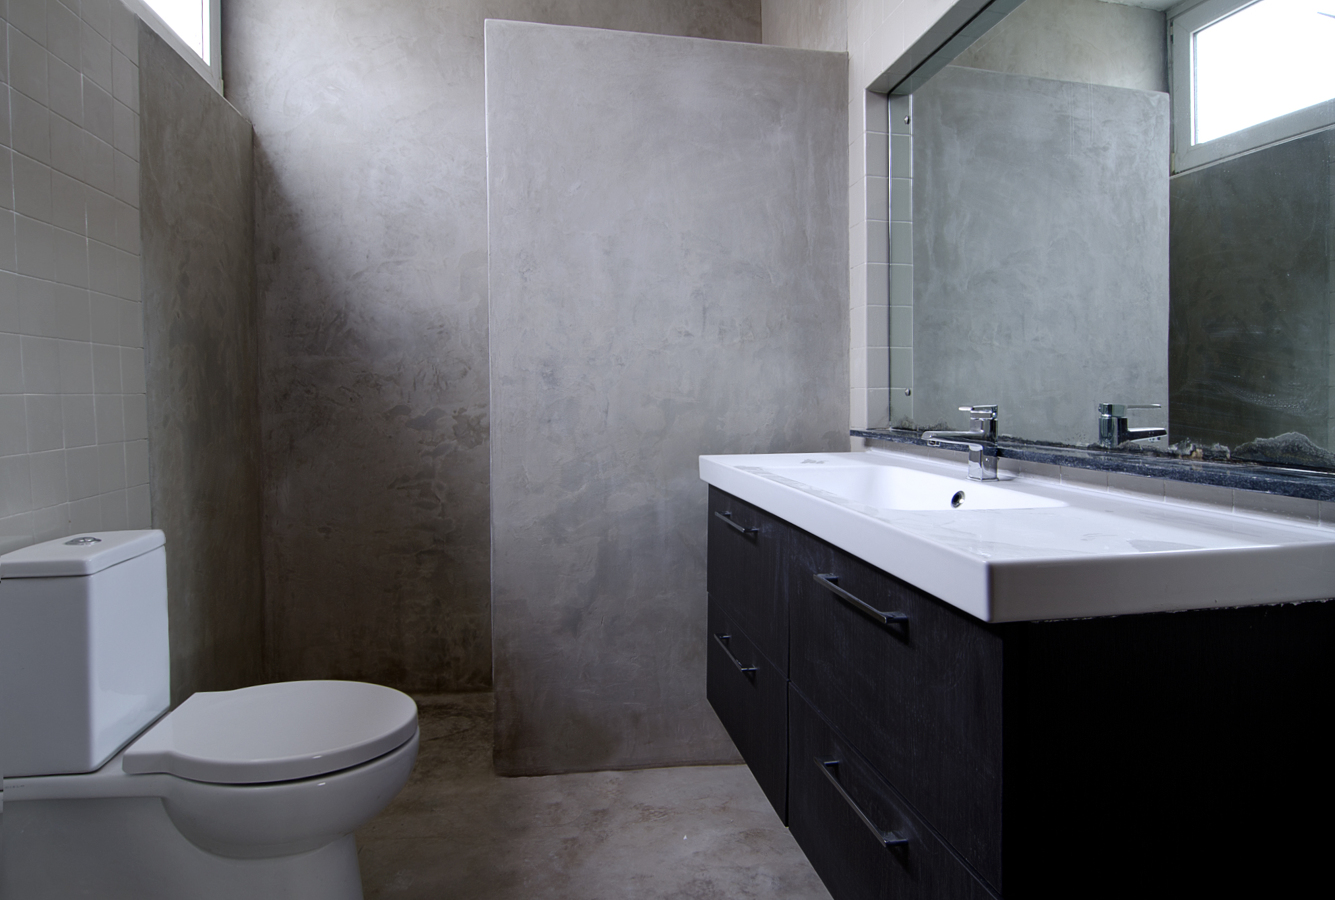 Baños Microcemento Fotos:Conforman espacios diáfanos y modernos Distintos acabados y colores